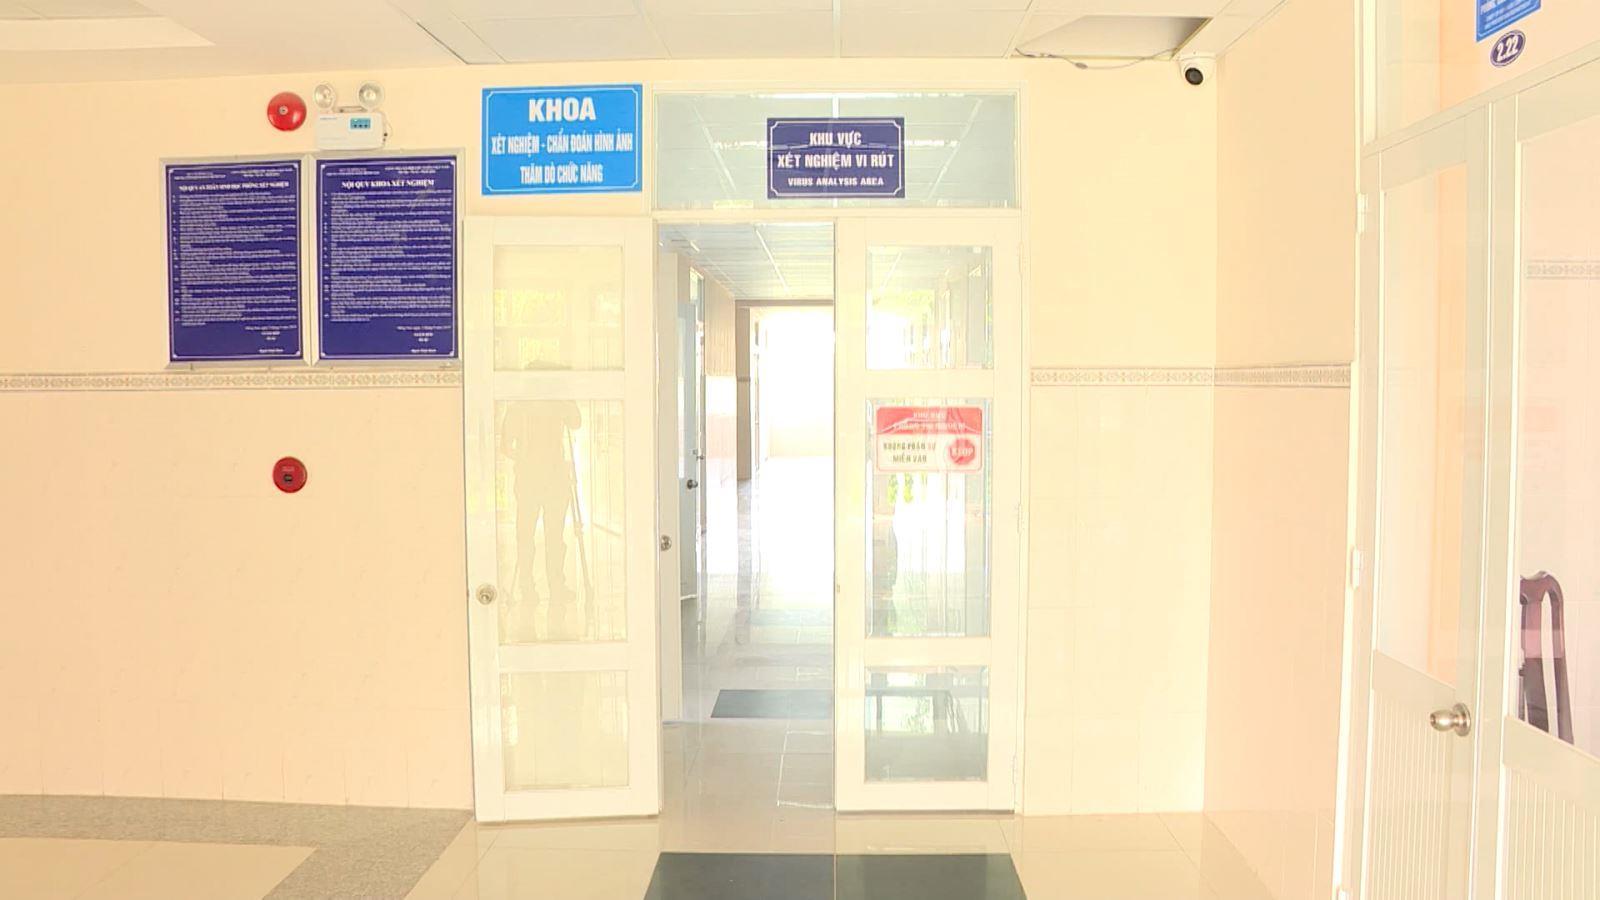 Đồng Nai có 3 đơn vị được cấp phép thực hiện xét nghiệm virus SARS-COV-2